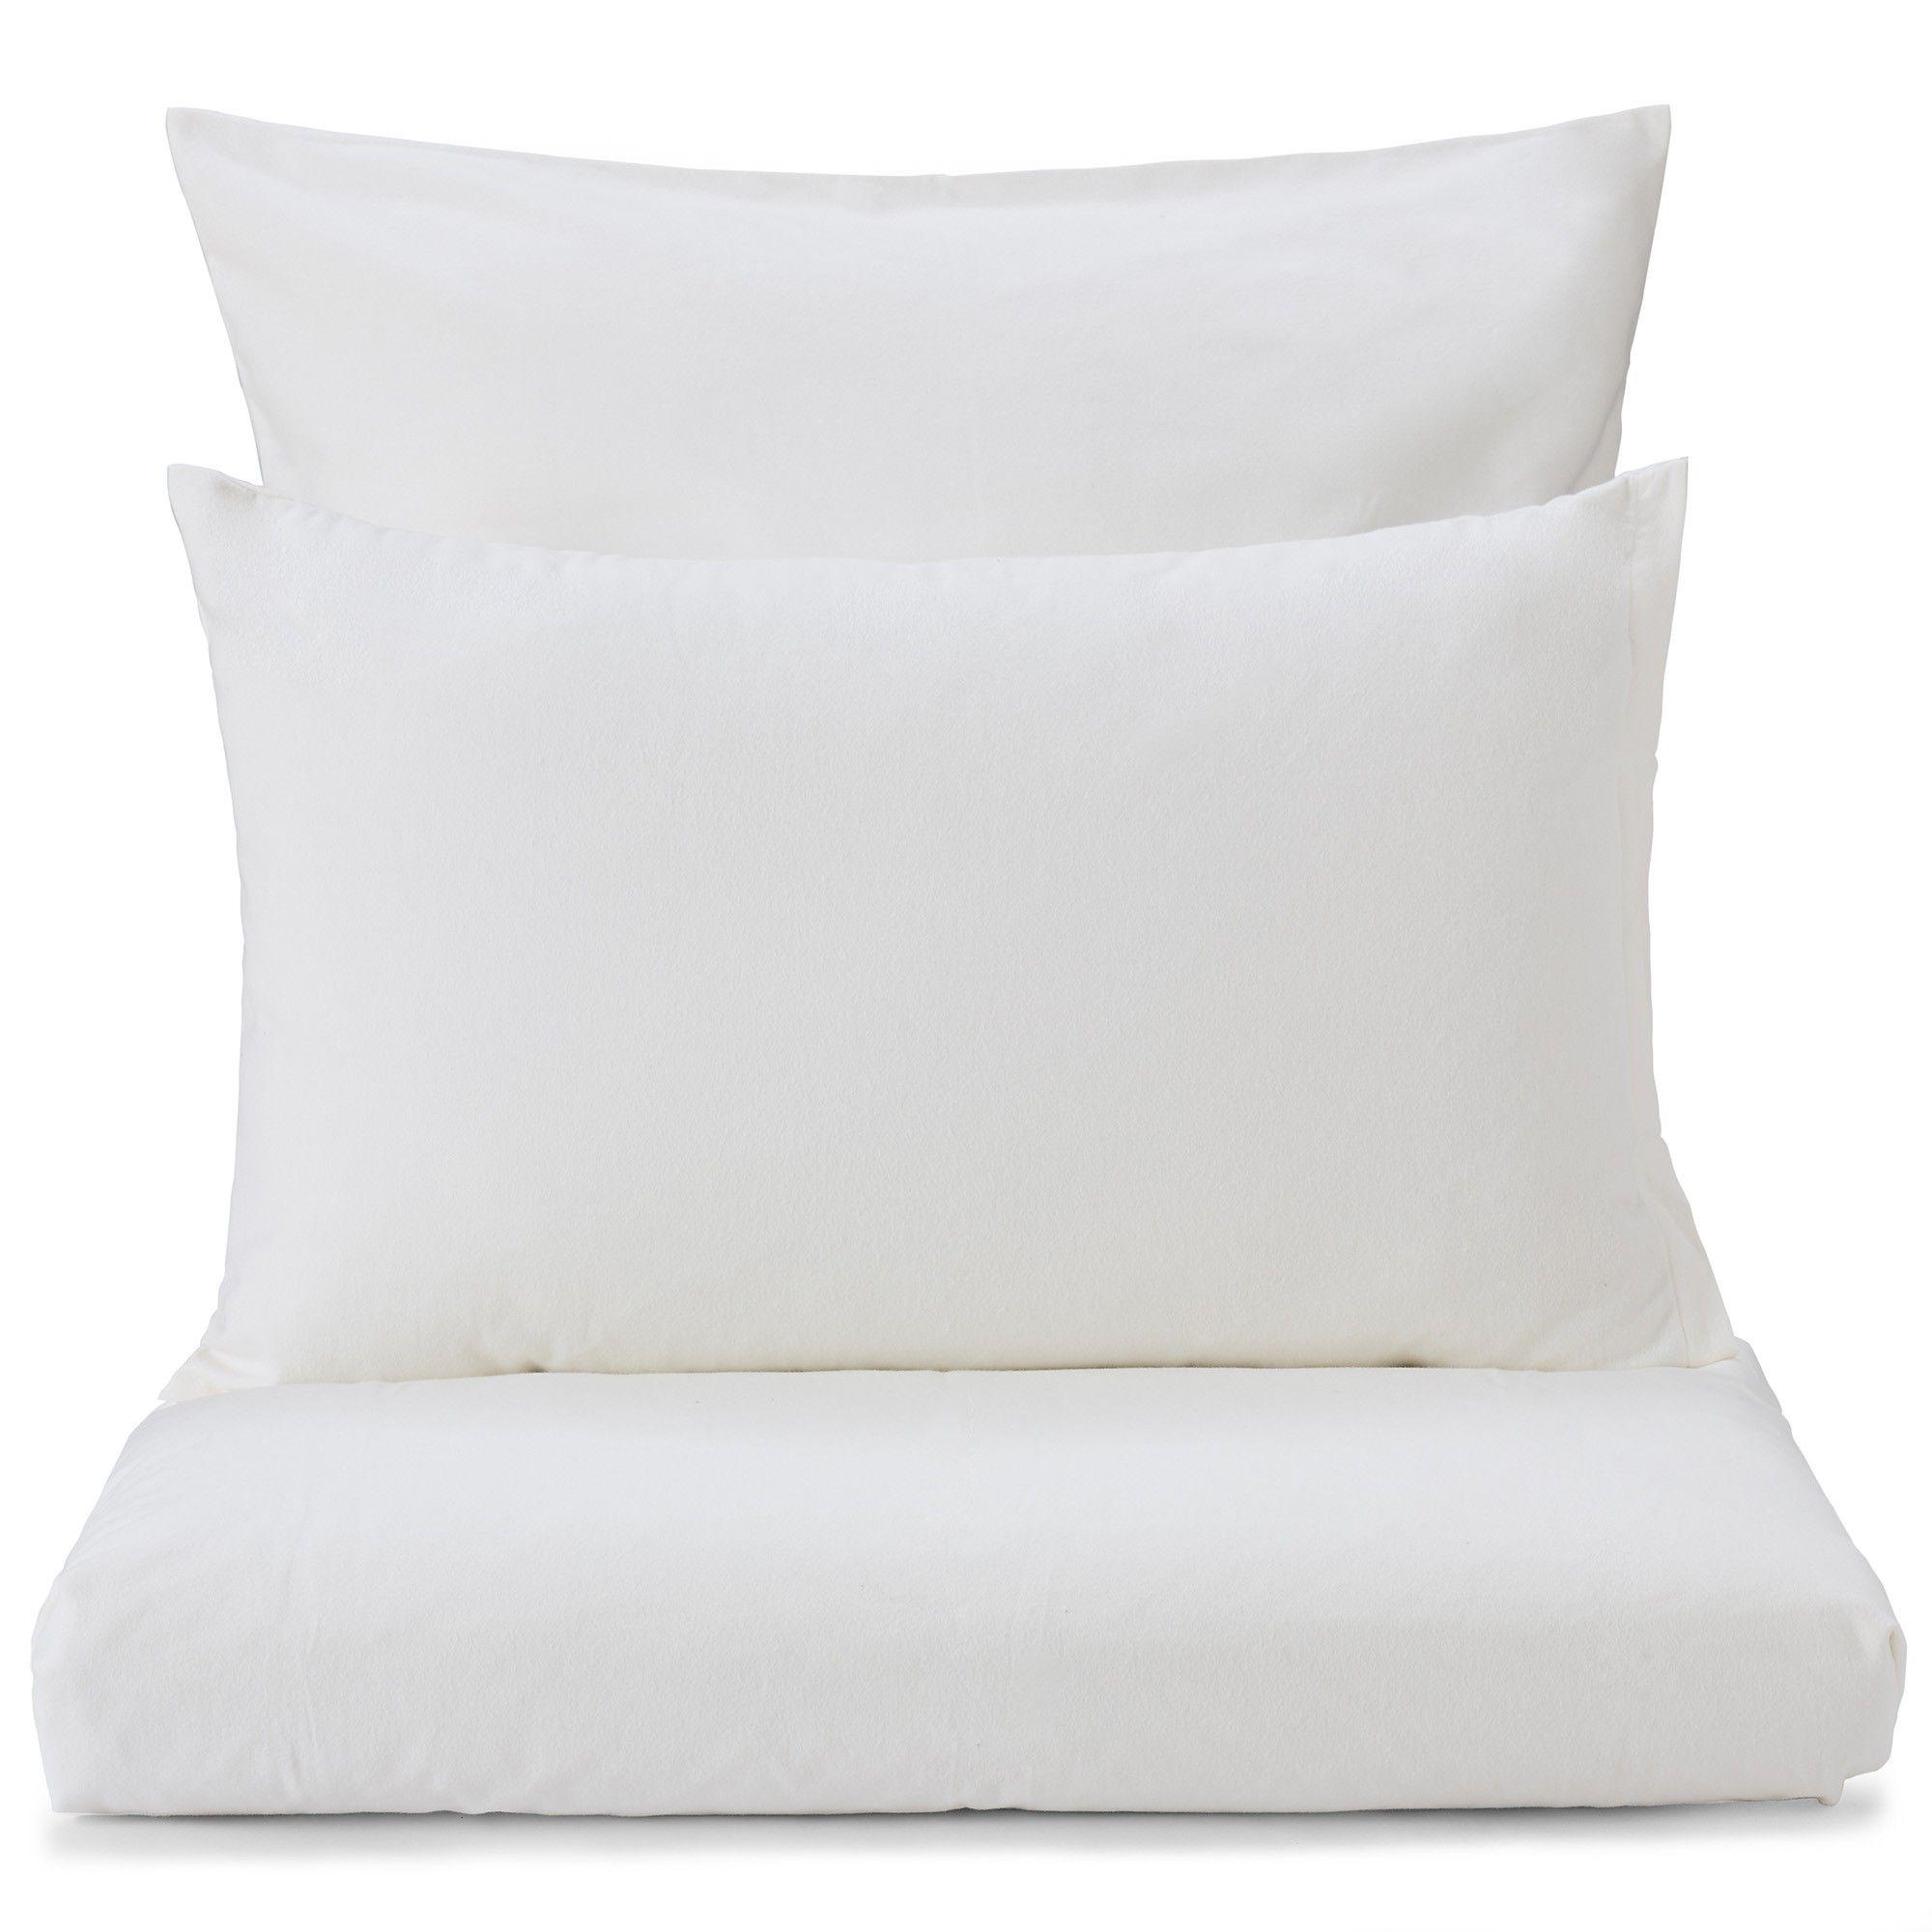 Ganzjährigen Komfort verspricht unsere elegante Flanell-Bettwäsche ...